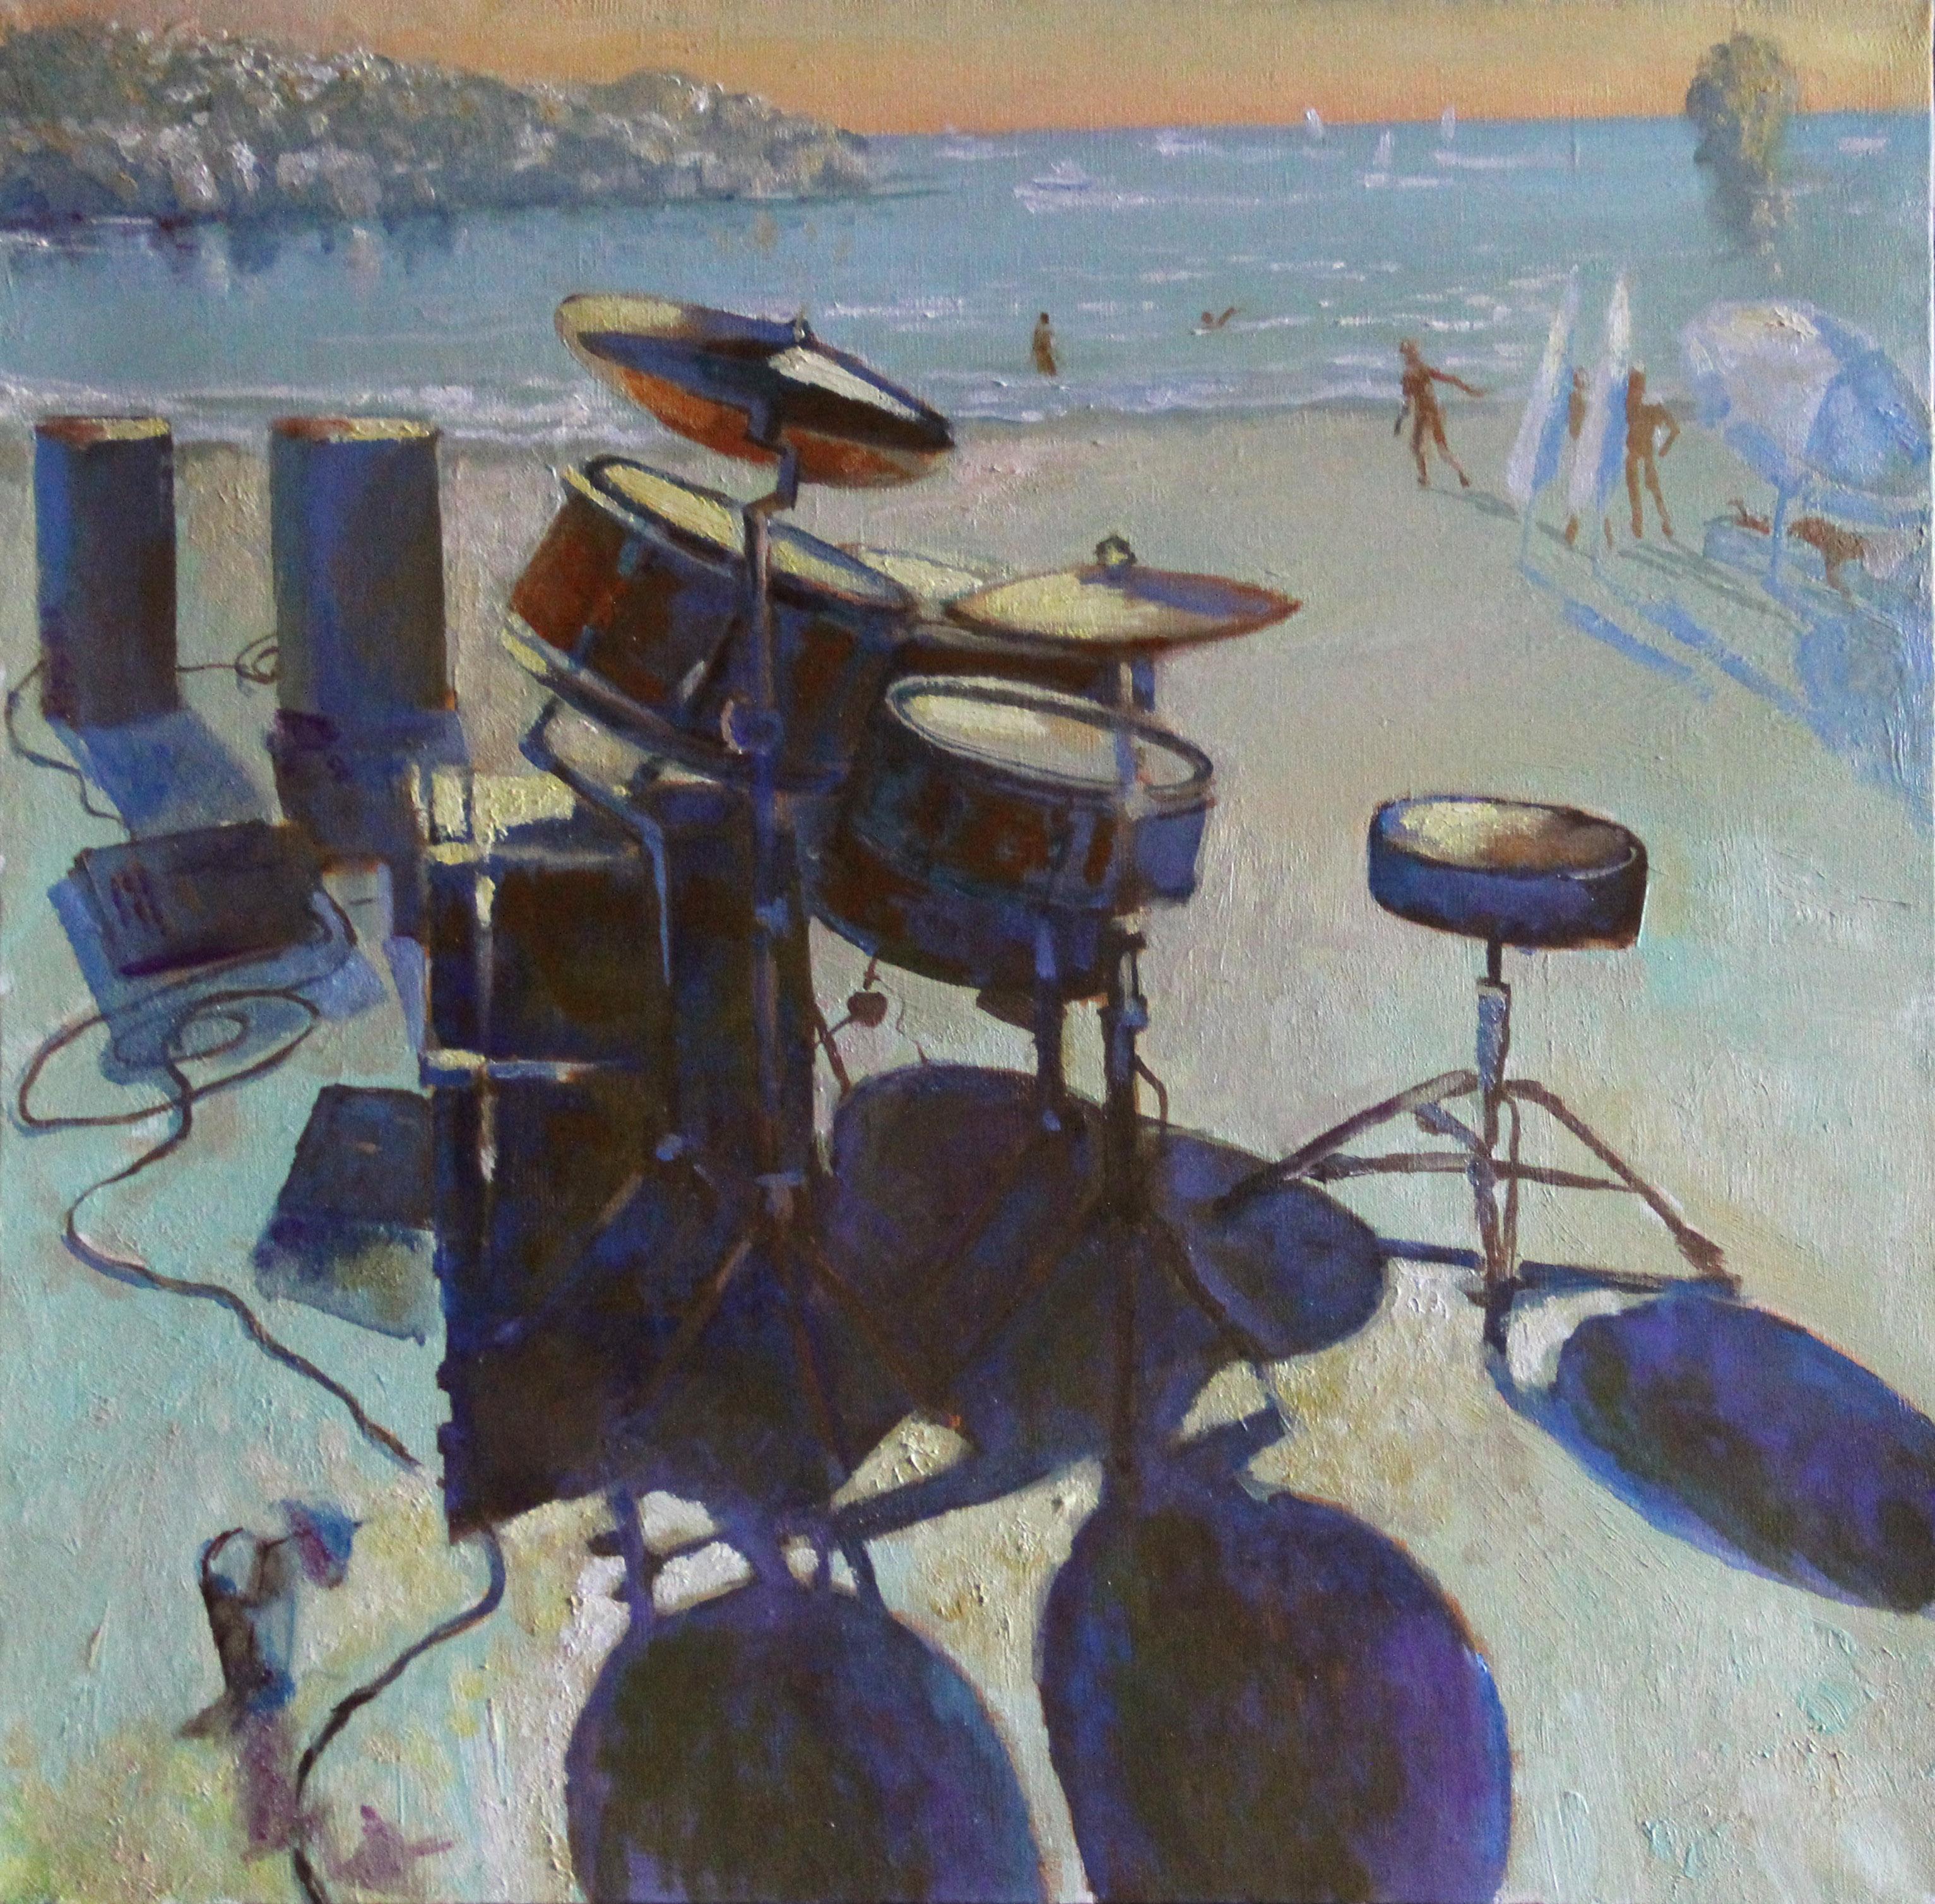 Музыканты на пляже. 2013г.